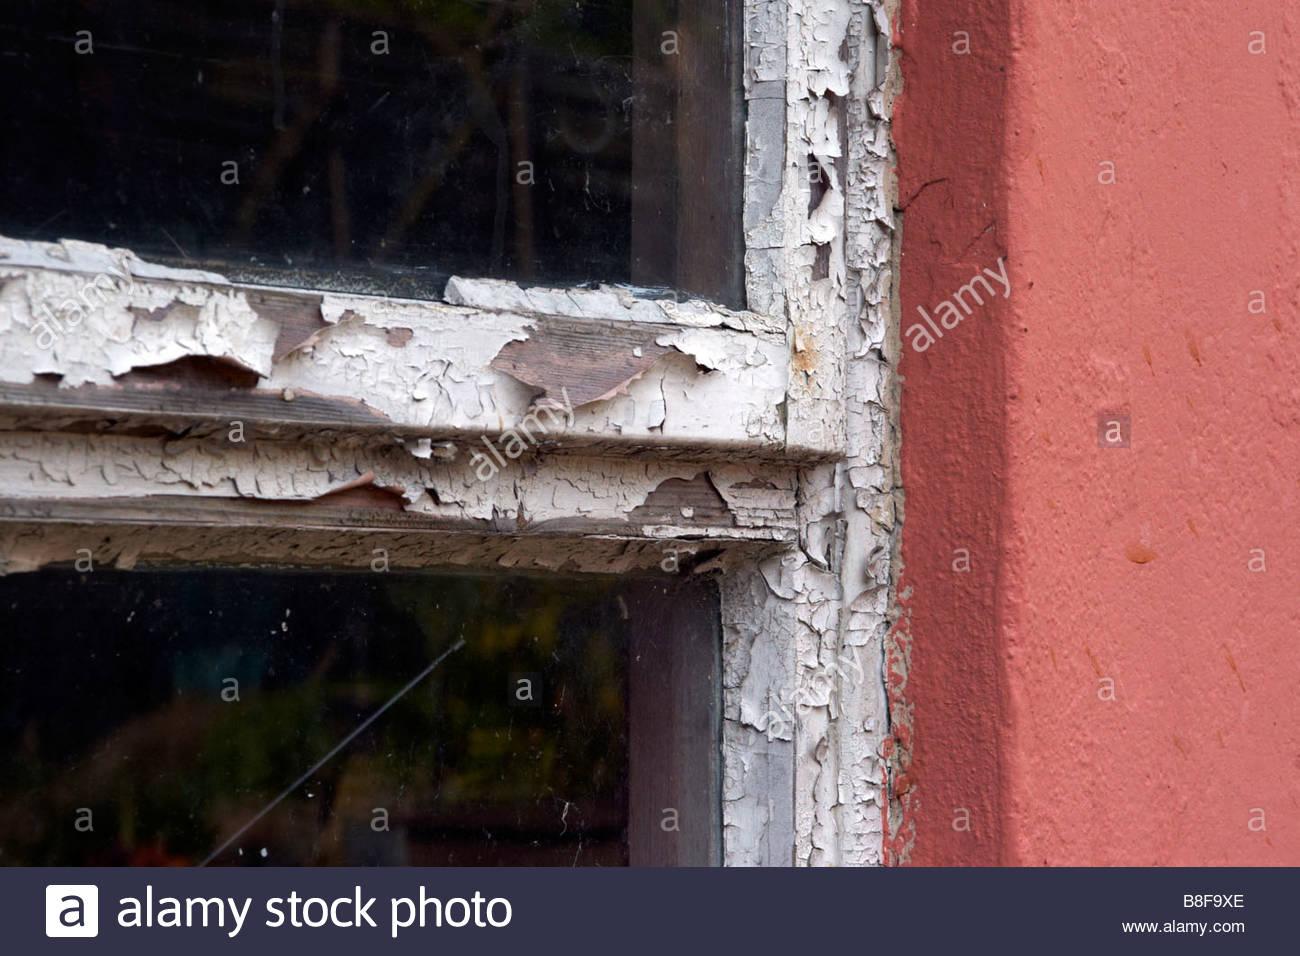 Marco de ventana pudriéndose con escamas de pintura blanca y madera ...